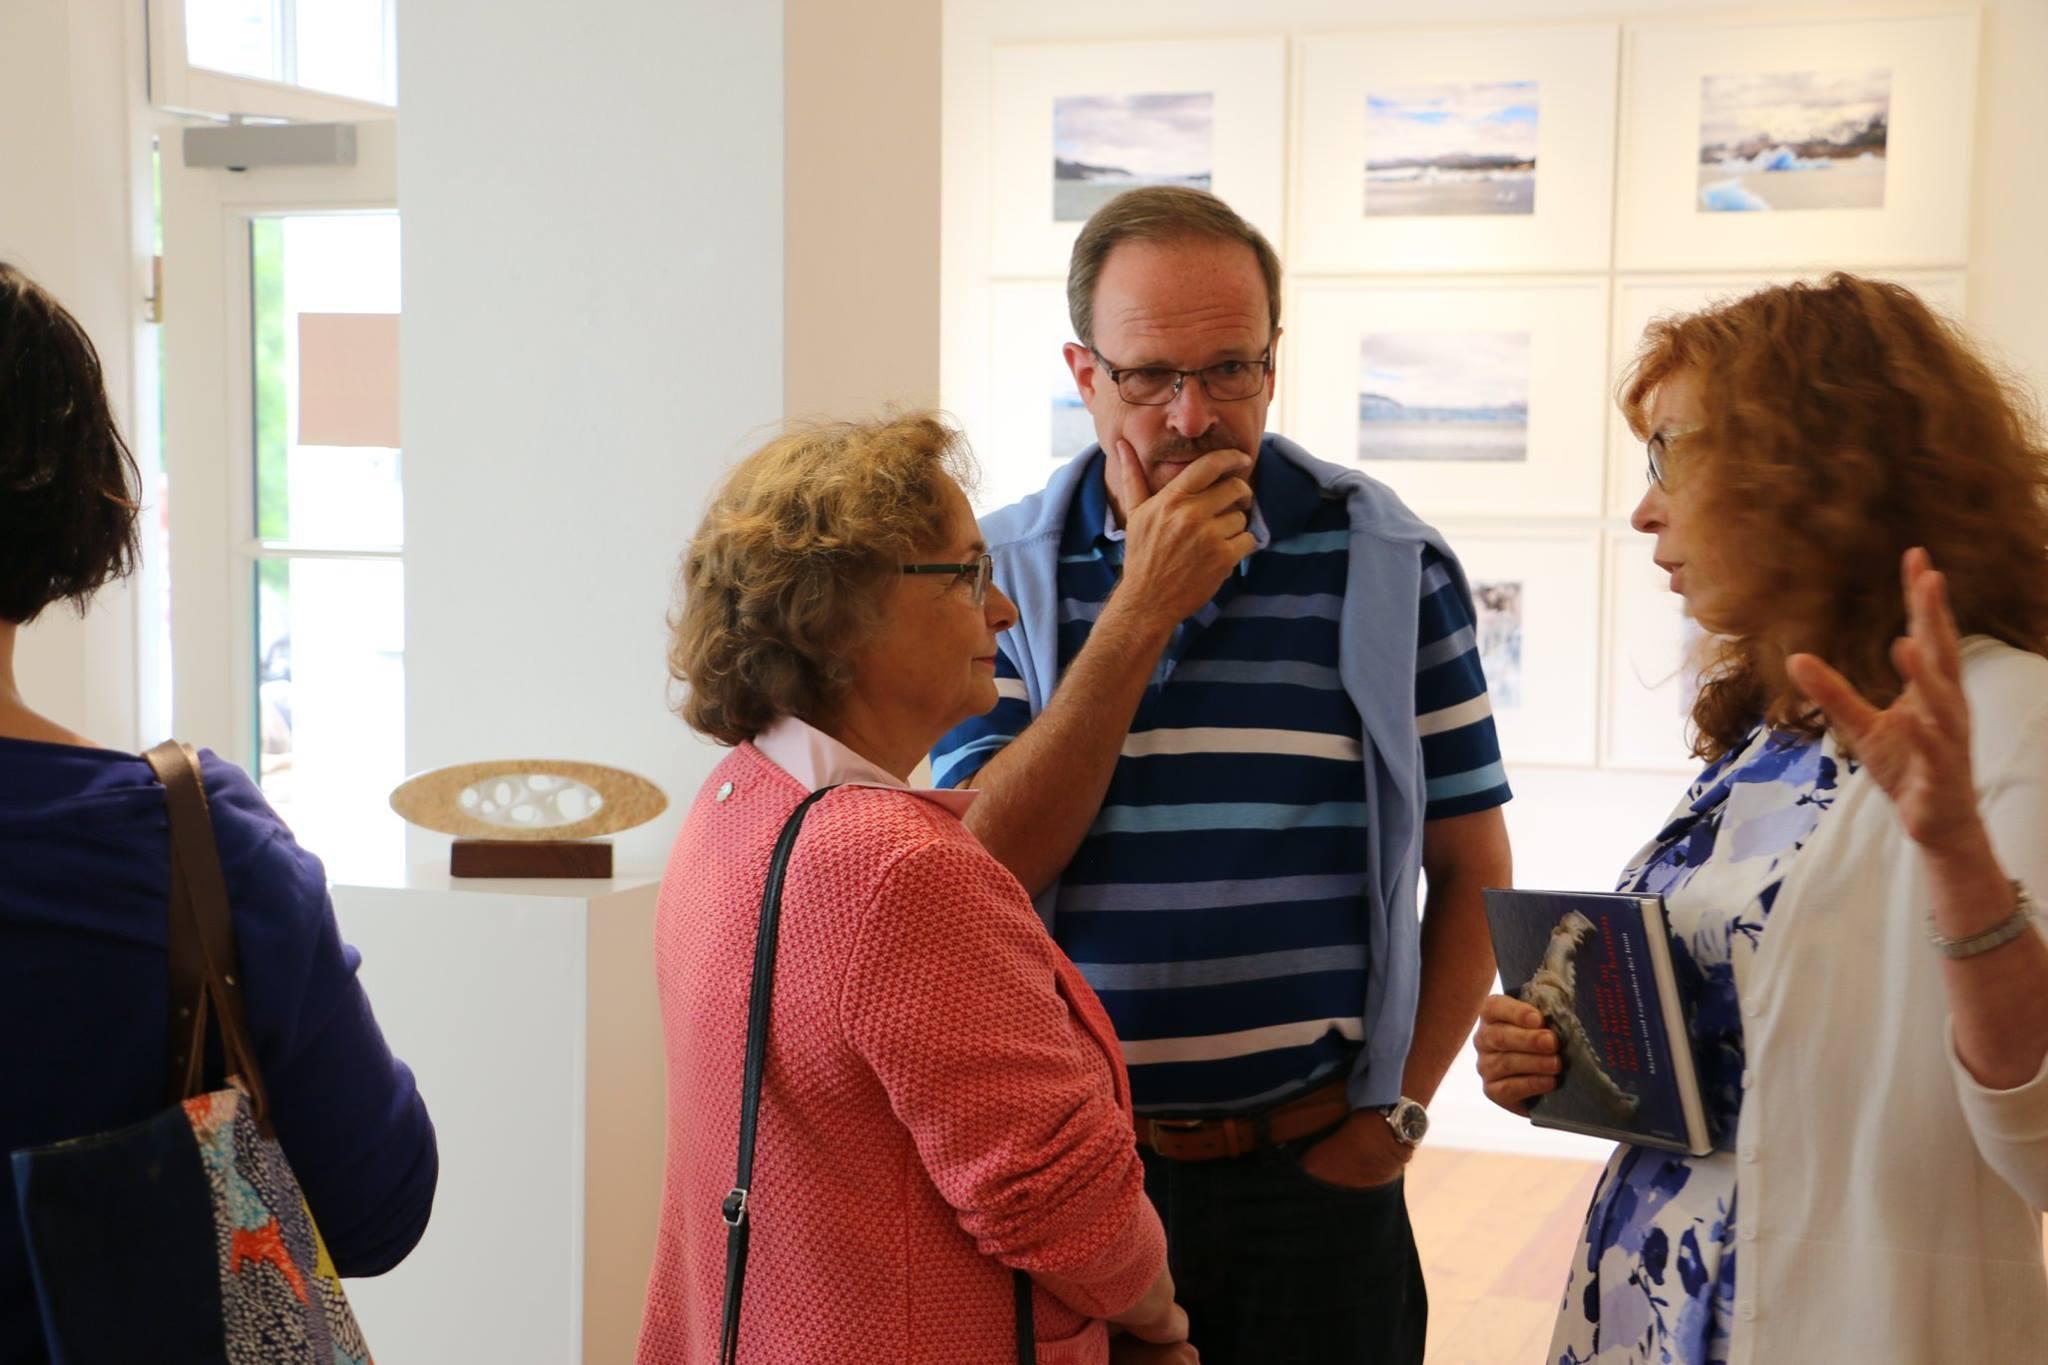 Ausstellungseröffnung Eiswelten Dirk Fiege Susanne Haun Roswitha Mecke Sabine Jacobs - Kulturbahnhof Nettersheim Evamaria Blaeser-Ridderbecks (c) Dirk Fiege